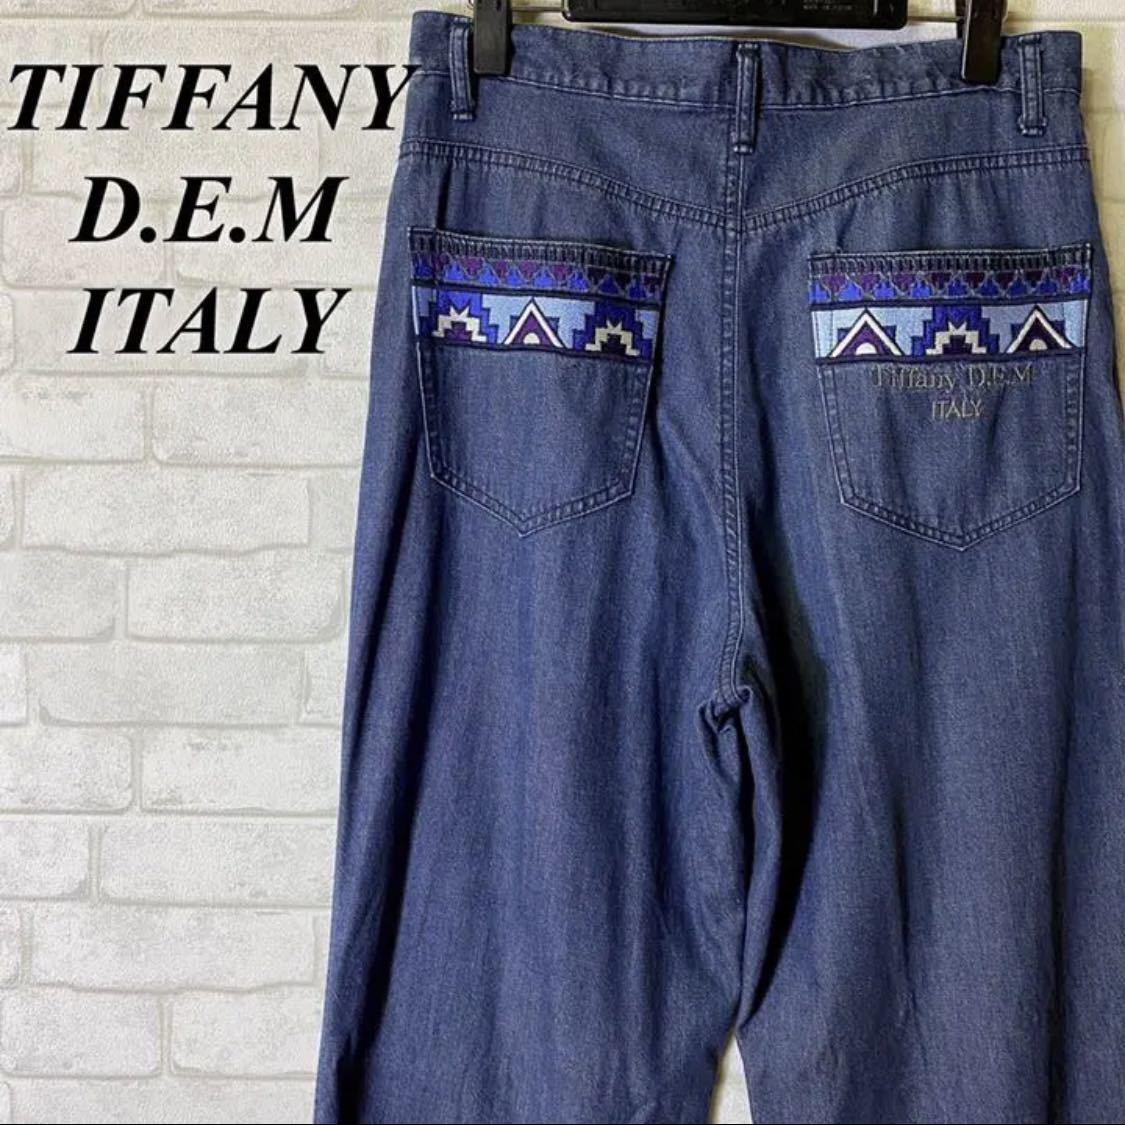 TIFFANY D.E.Mの情報